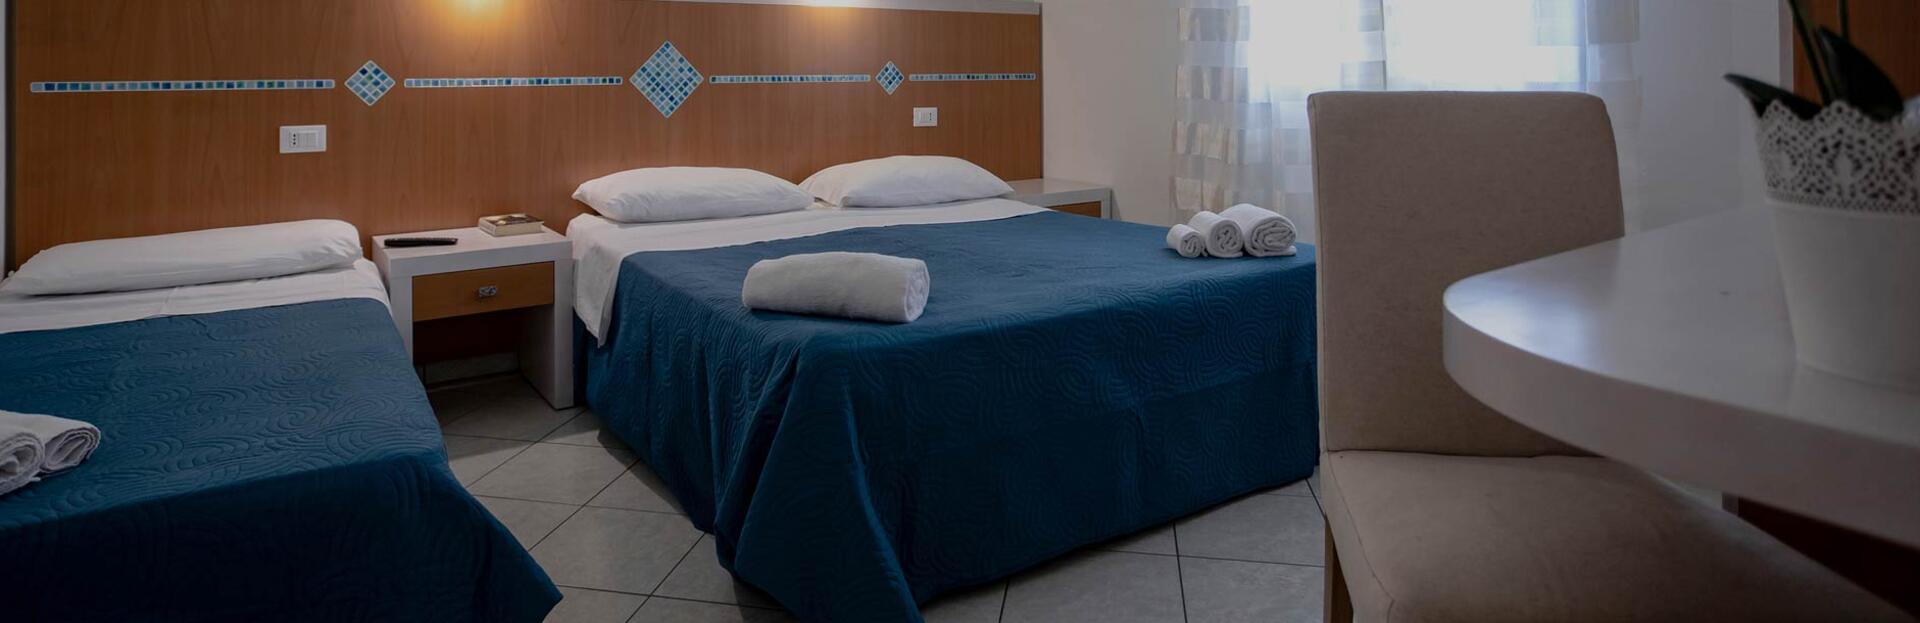 rivieracalabra en three-room-apartments 009